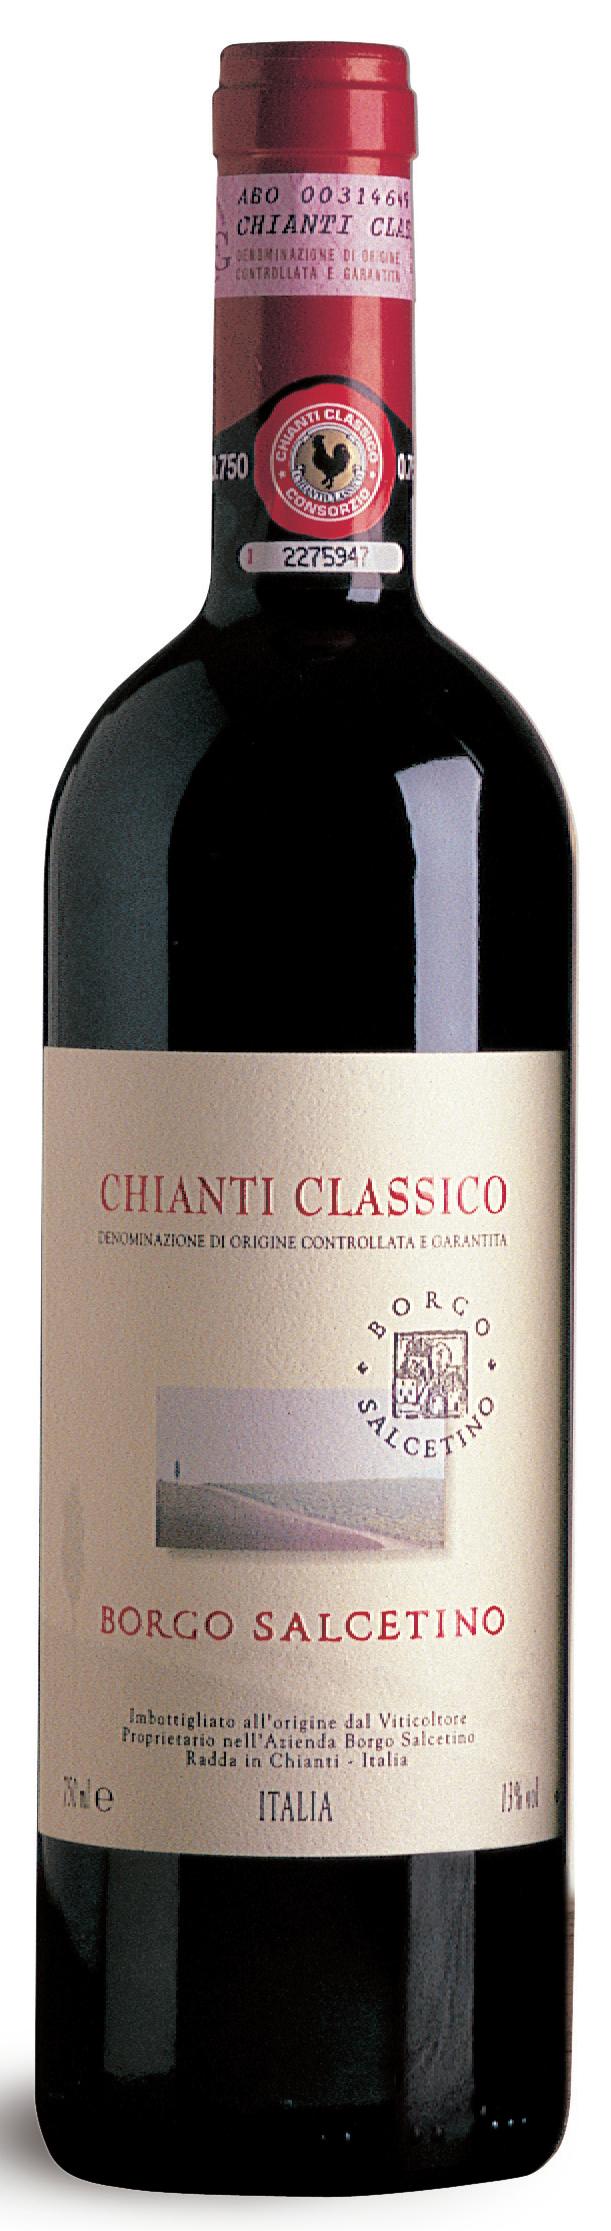 Chianti Classico (2013) Borgo Salcetino